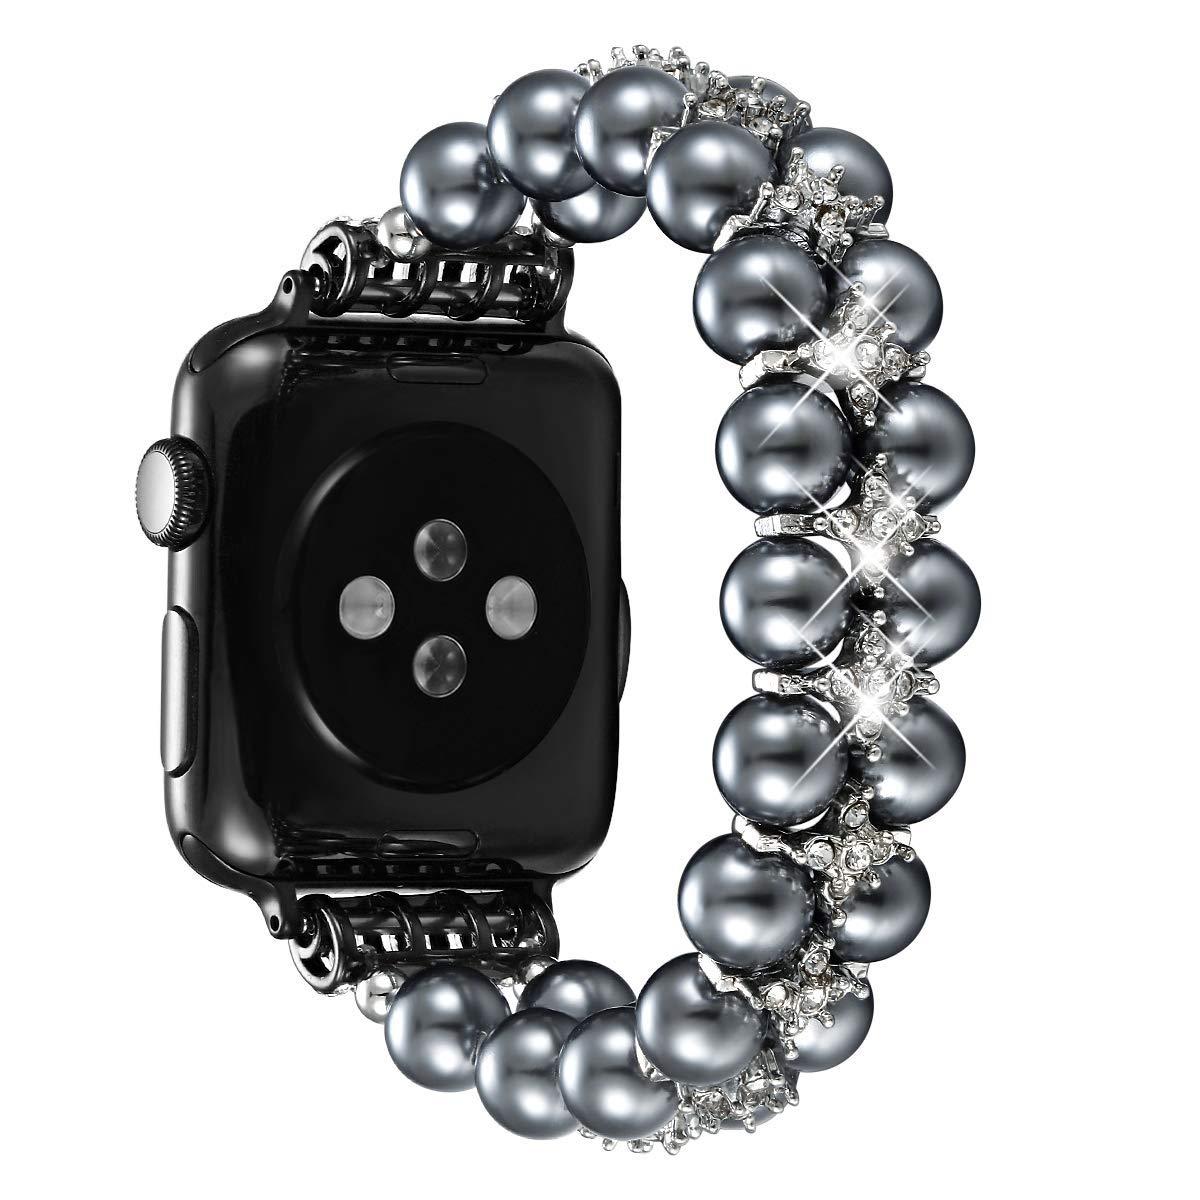 fastgo Apple Watchバンド 38mm 40mm 42mm 44mm レディース ガールズ ファンシー ハンドピック 人工パール 伸縮性 ストレッチブレスレット ジュエリーリストバンド iWatchシリーズ4/3/2/1に対応 42mm/44mm スペースグレー (Space Gray) B07S2272J8